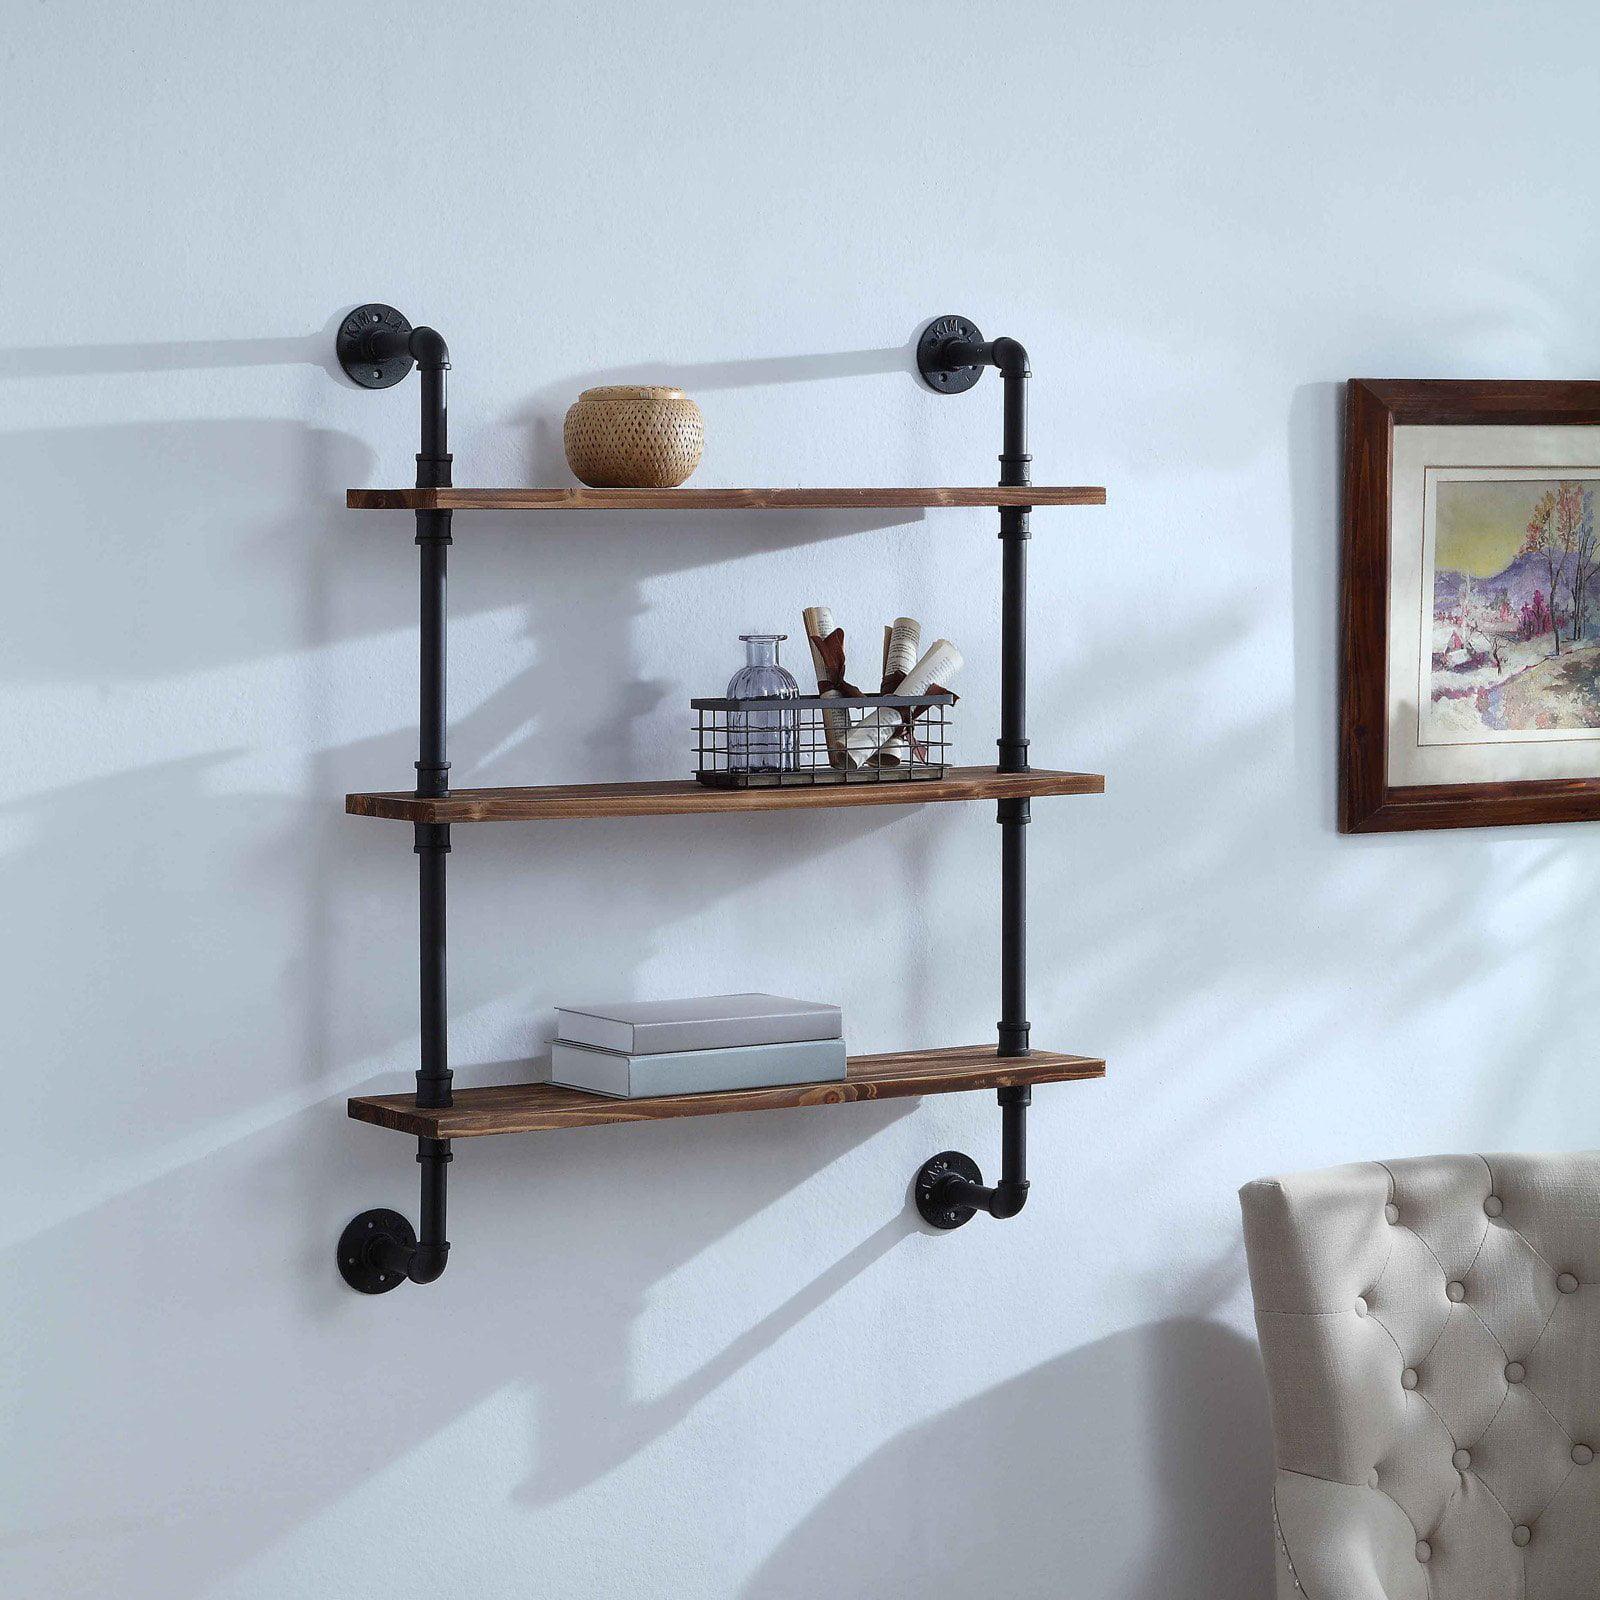 4D Concepts Anacortes Bookshelf - Walmart.com